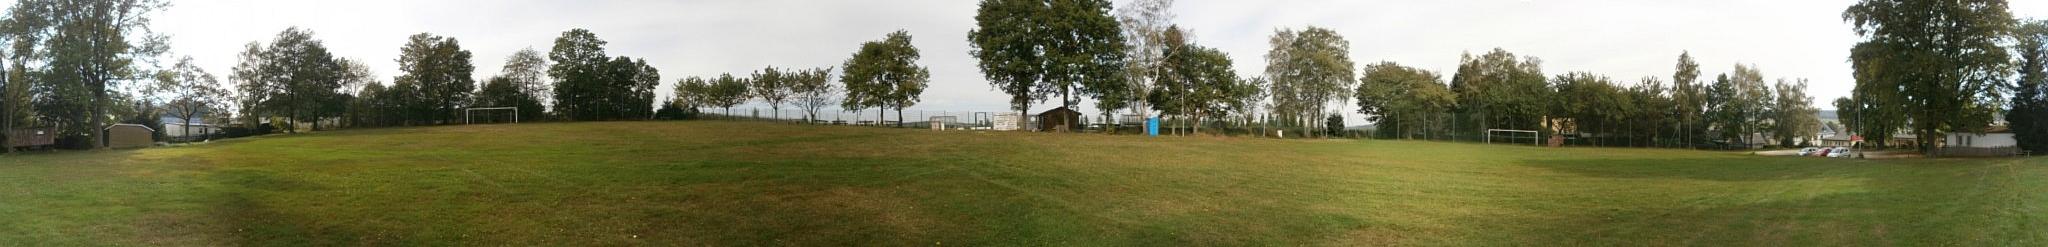 Schrägster Sportplatz in Kleinolbersdorf